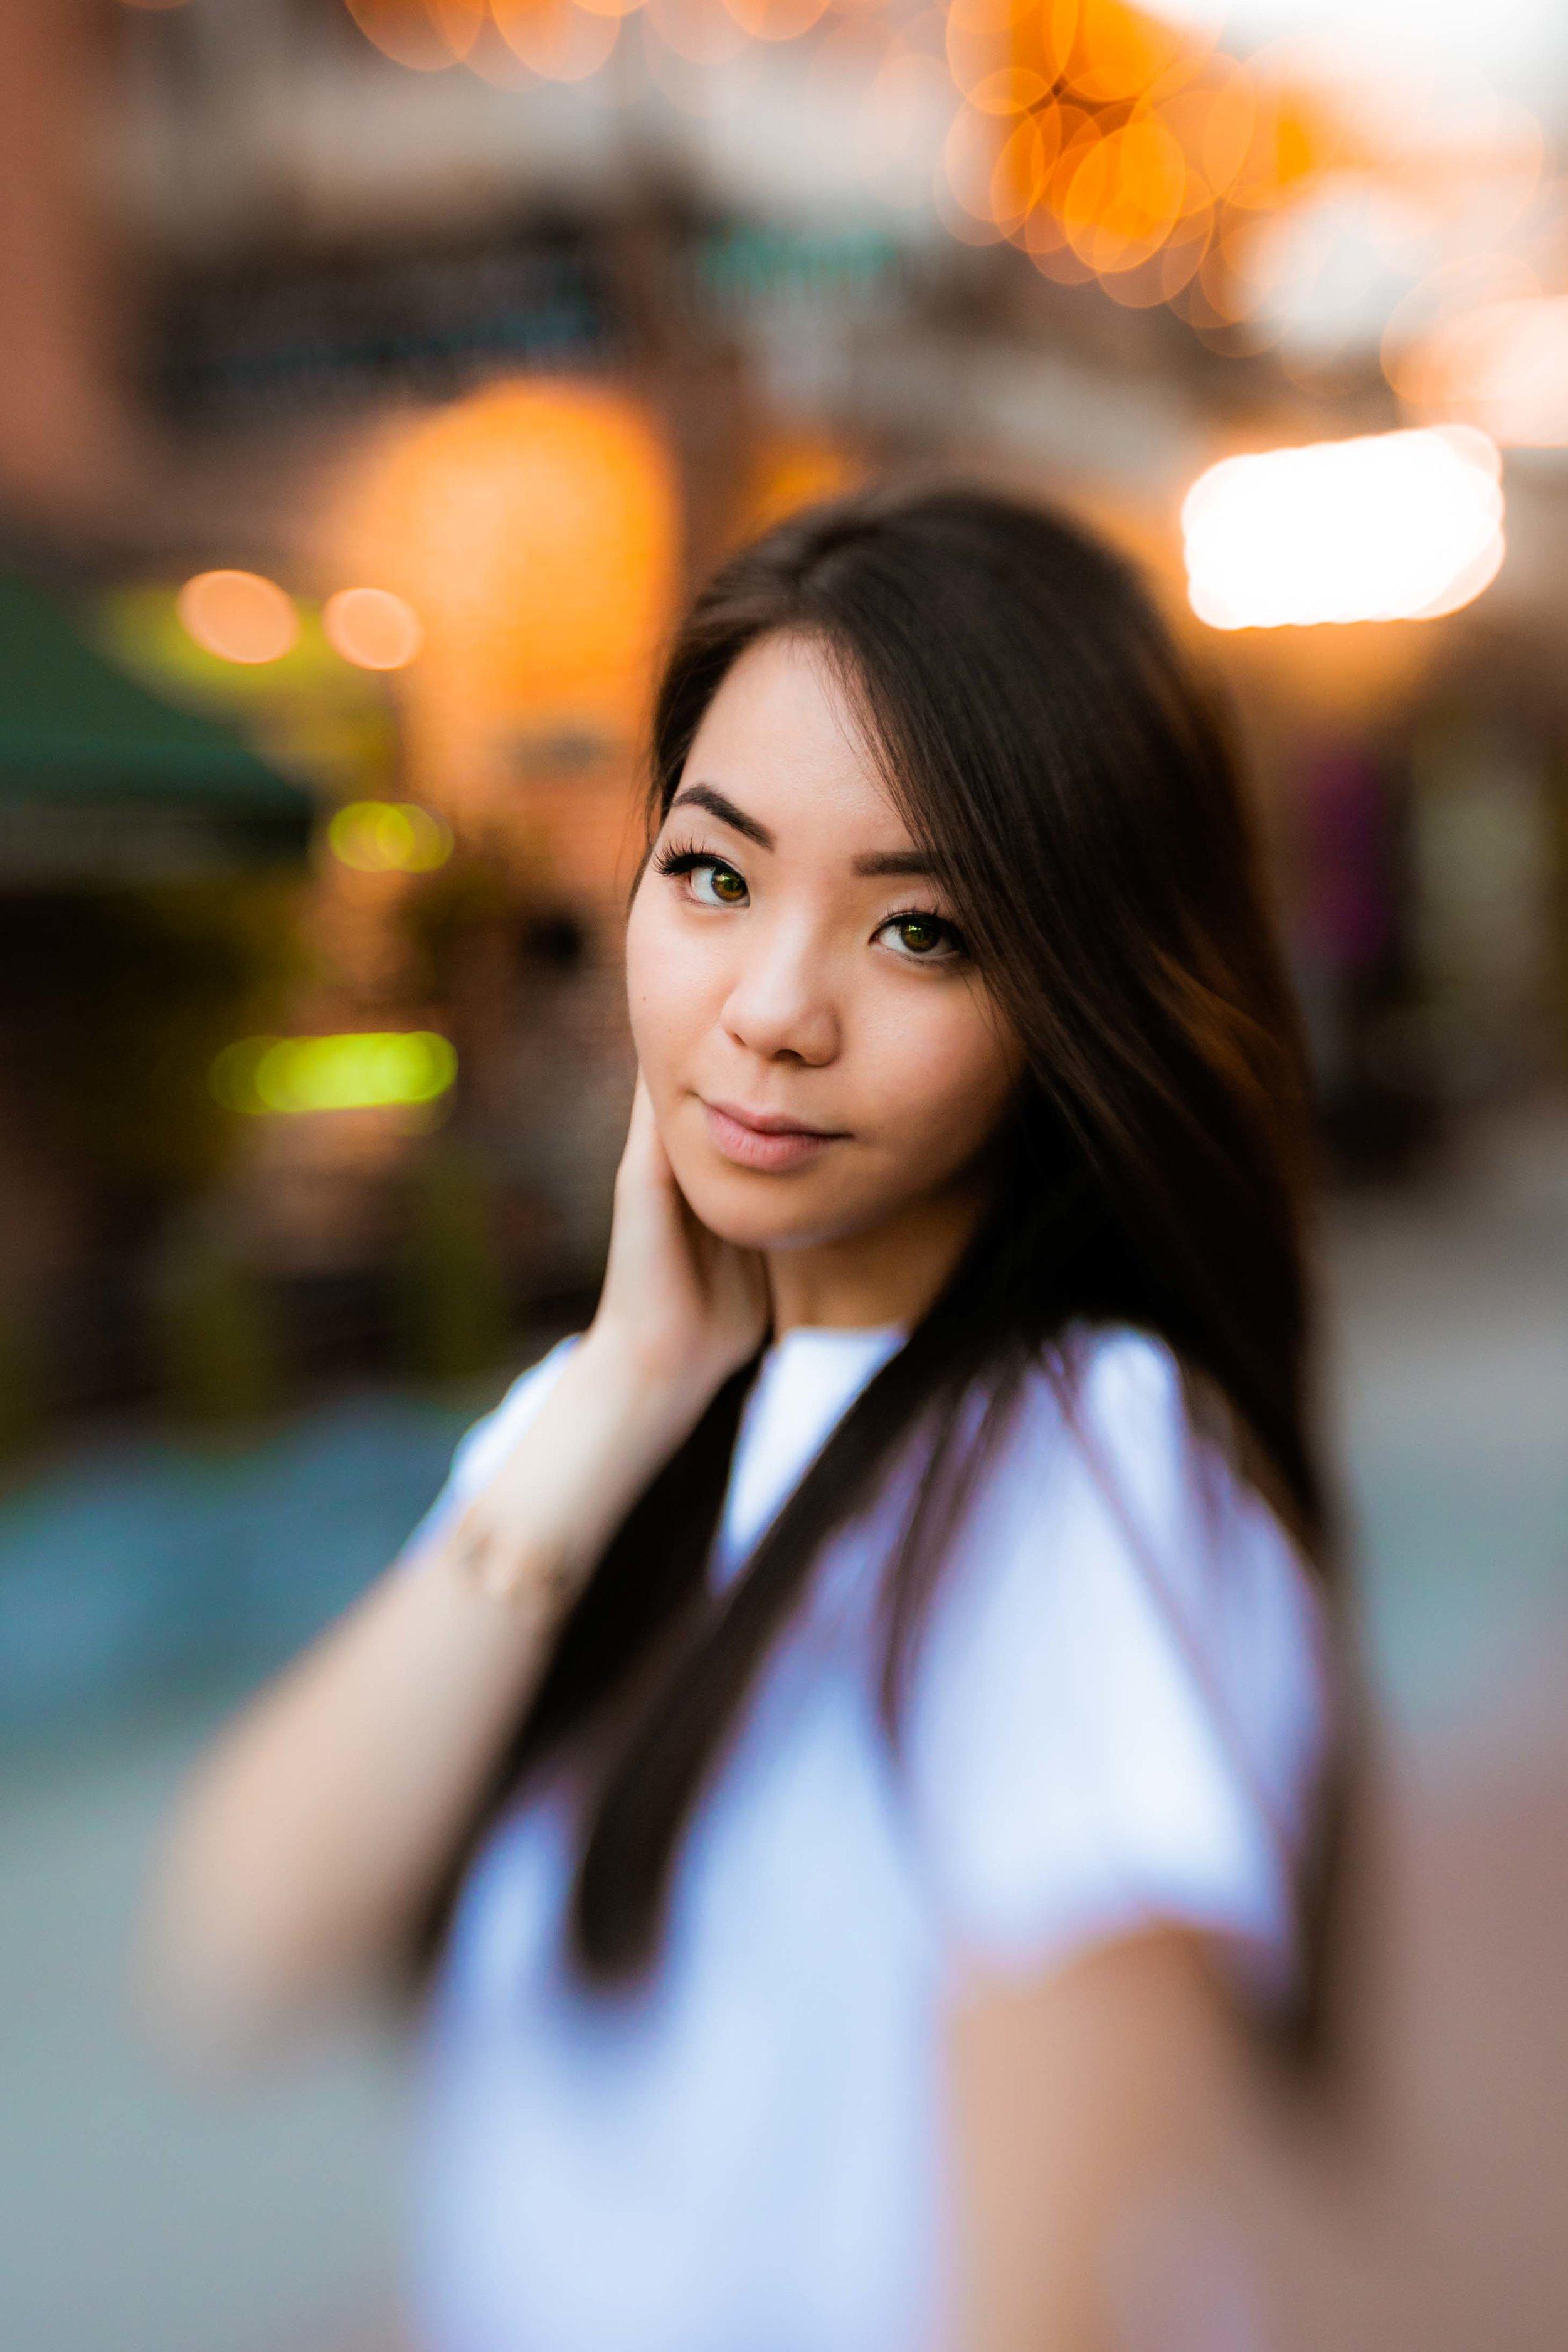 lensbaby_portraiture_joshuachunphotography.JPG